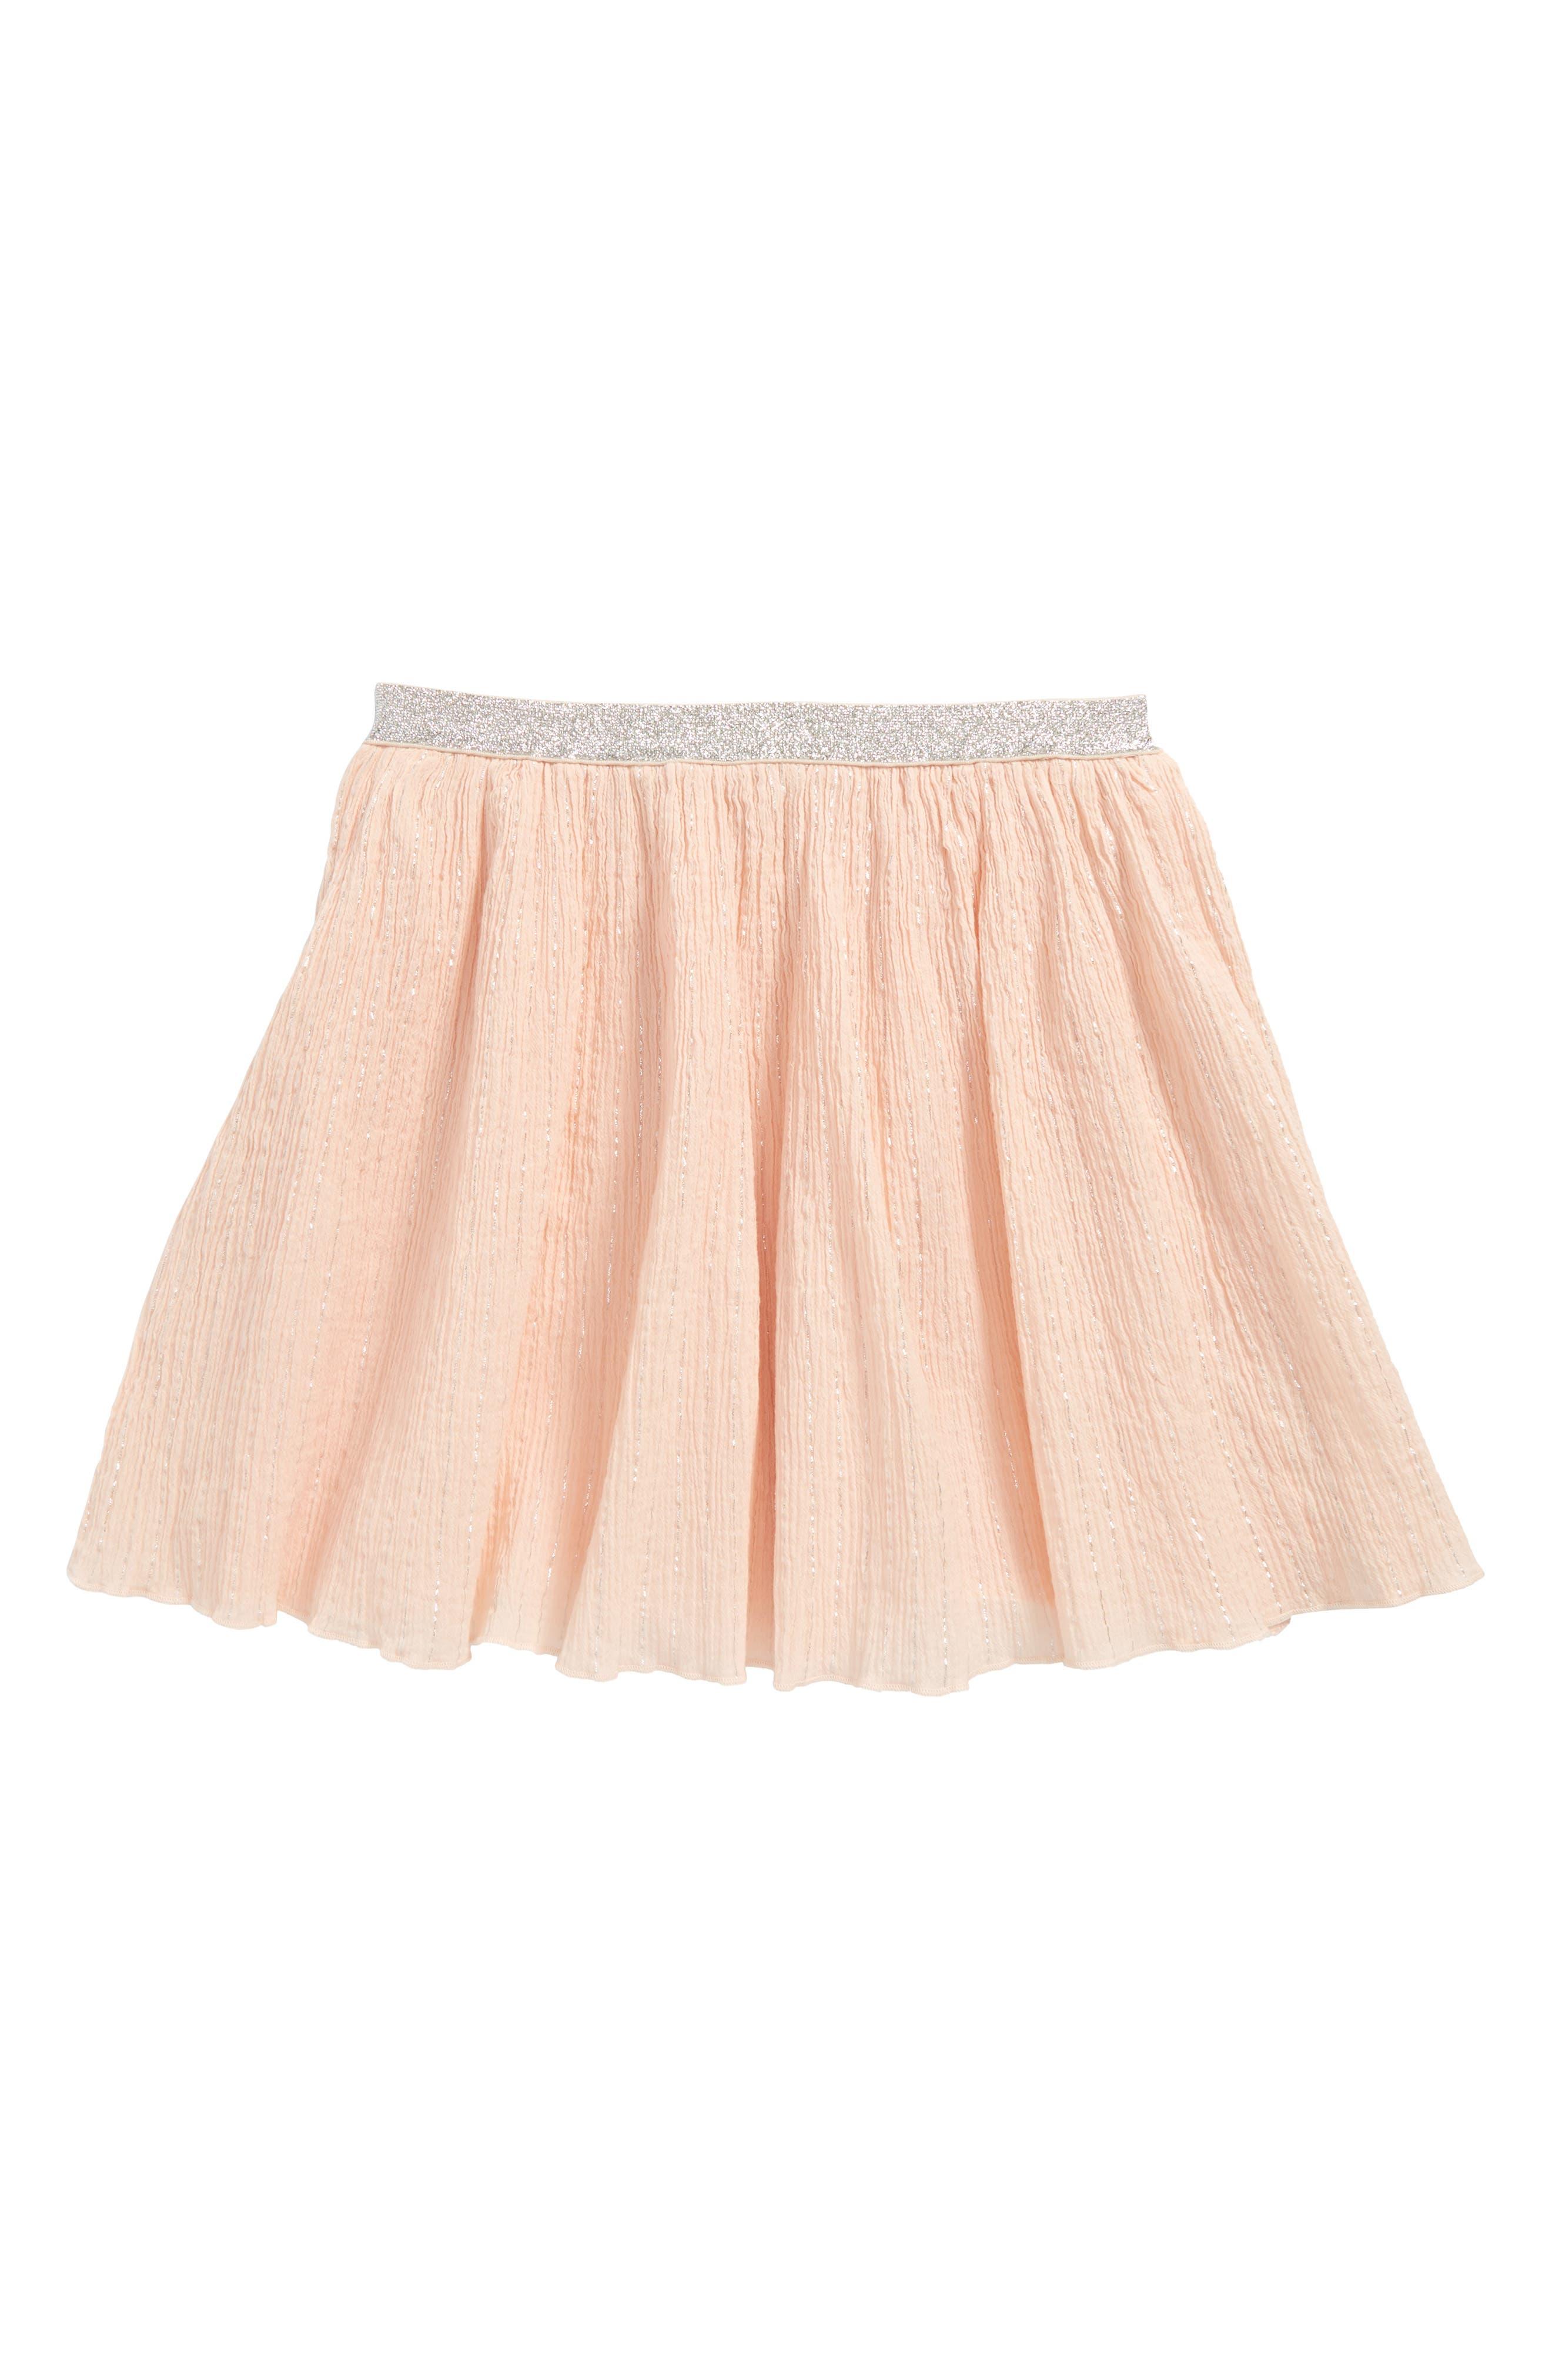 Hailey Skirt,                         Main,                         color, Peach